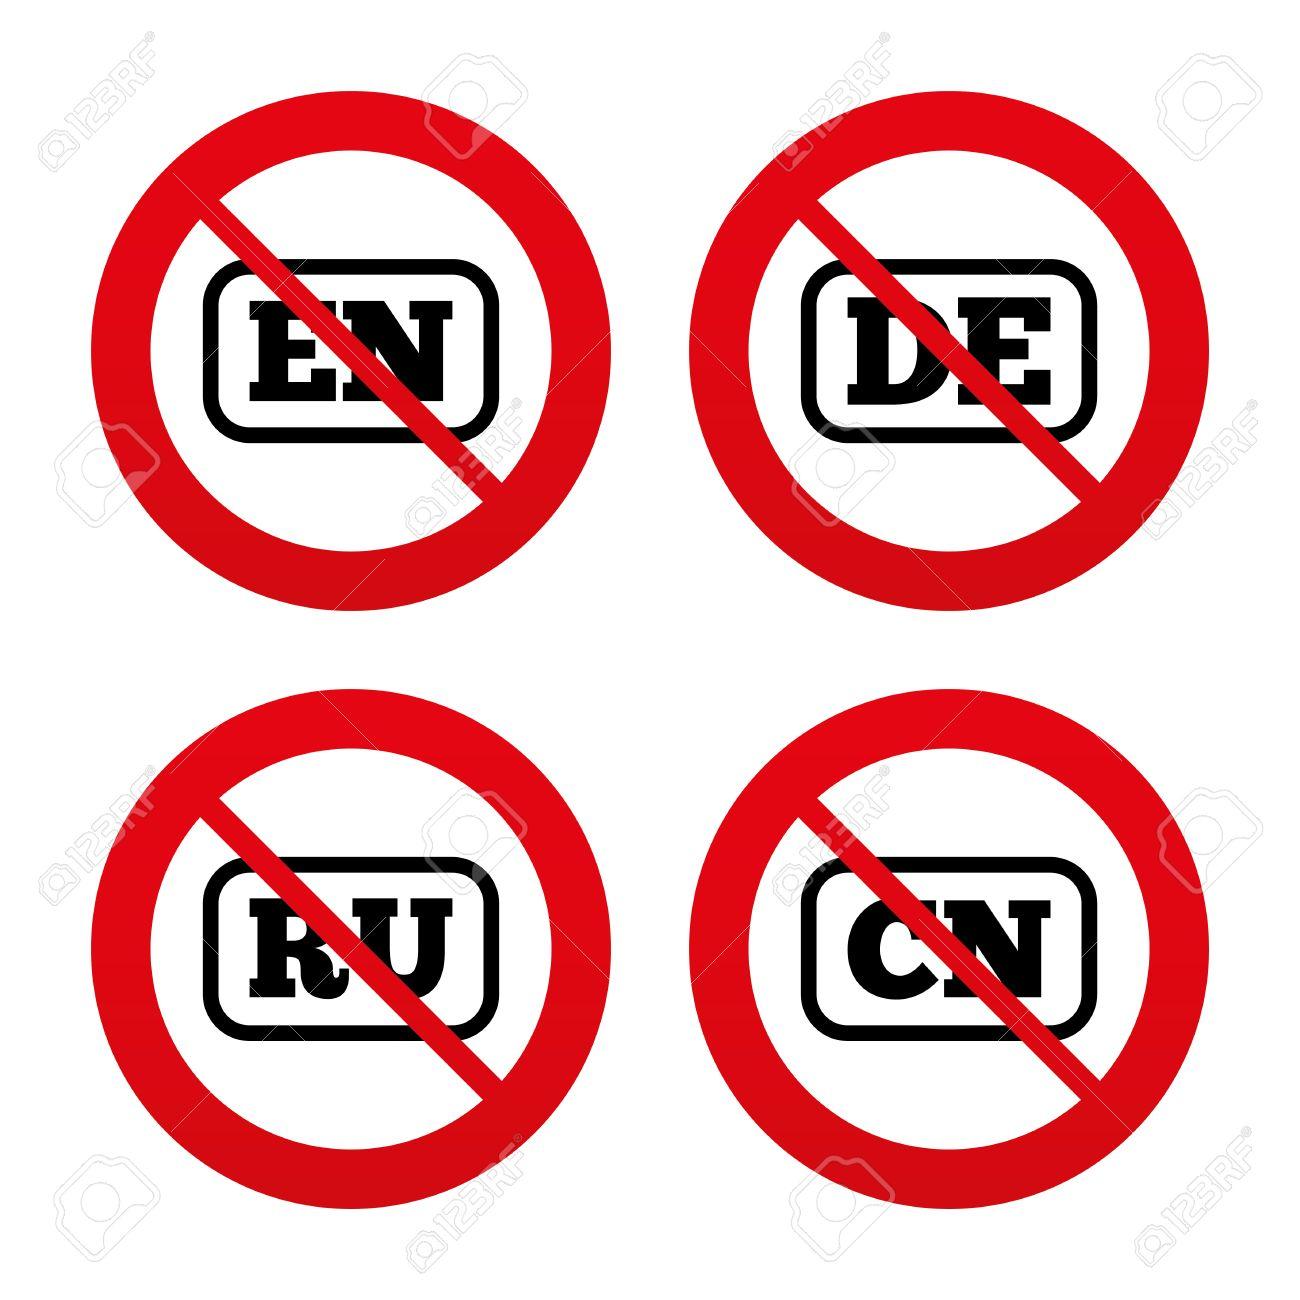 No ban or stop signs language icons en de ru and cn no ban or stop signs language icons en de ru and biocorpaavc